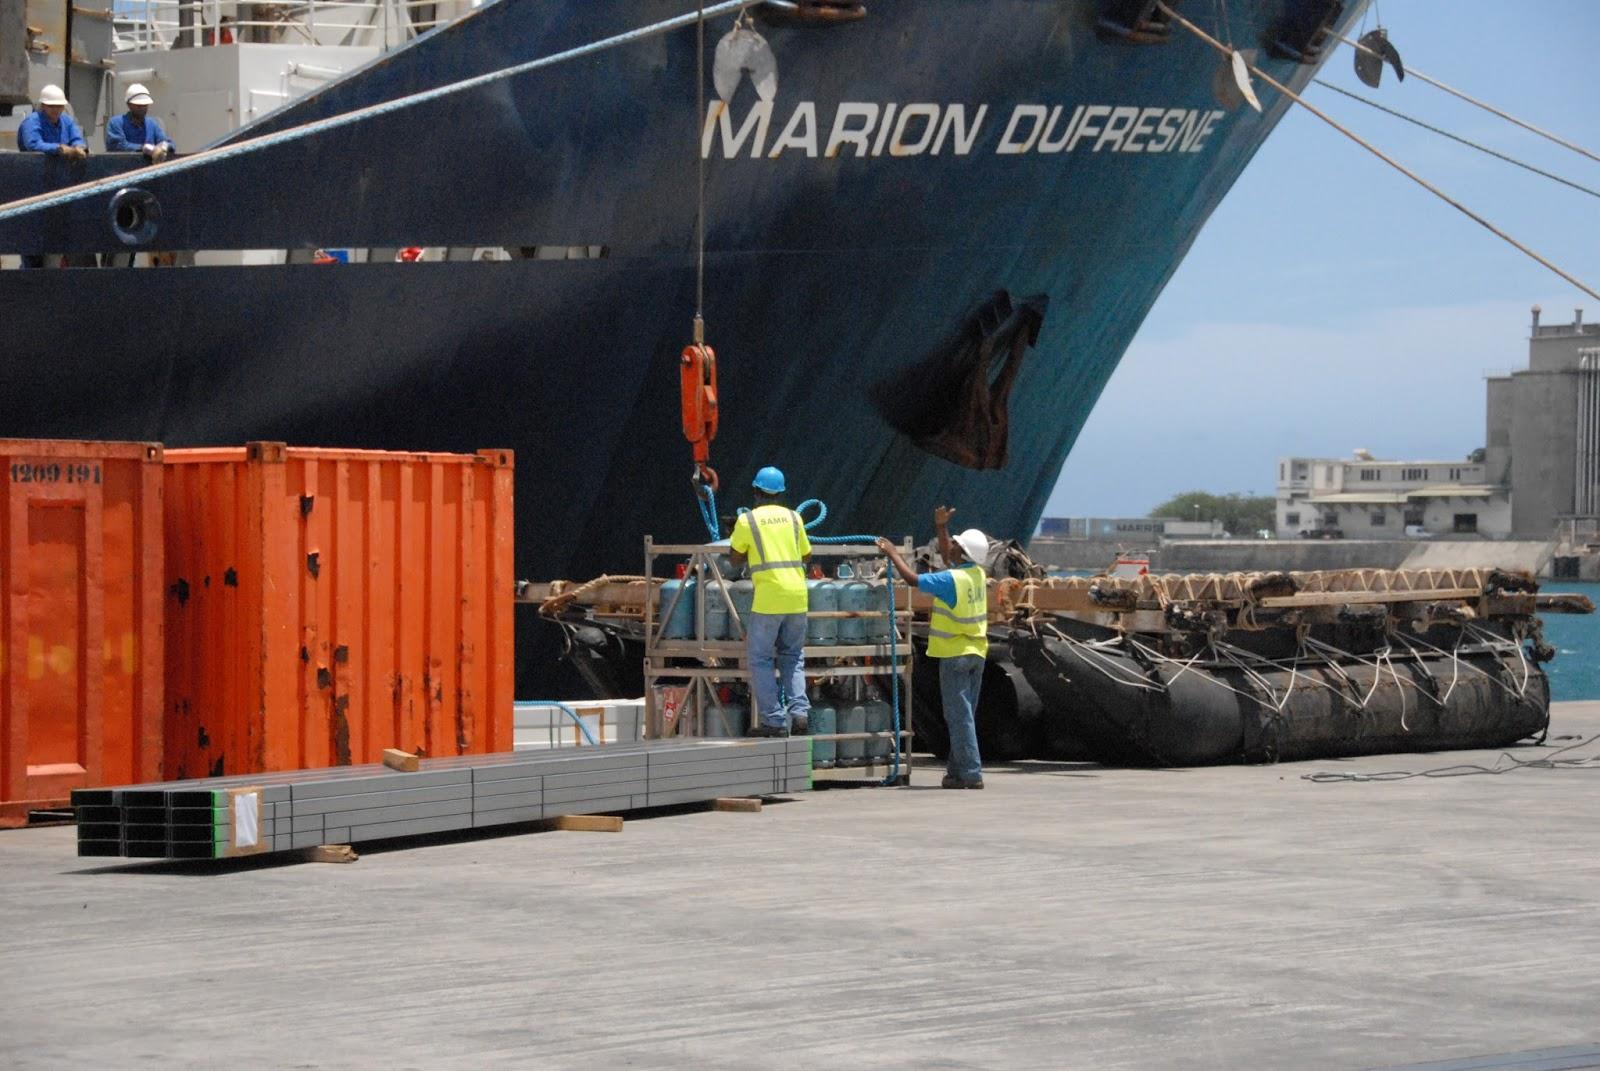 La marcophilie navale 2017 12 17 for Conteneur reunion tarif